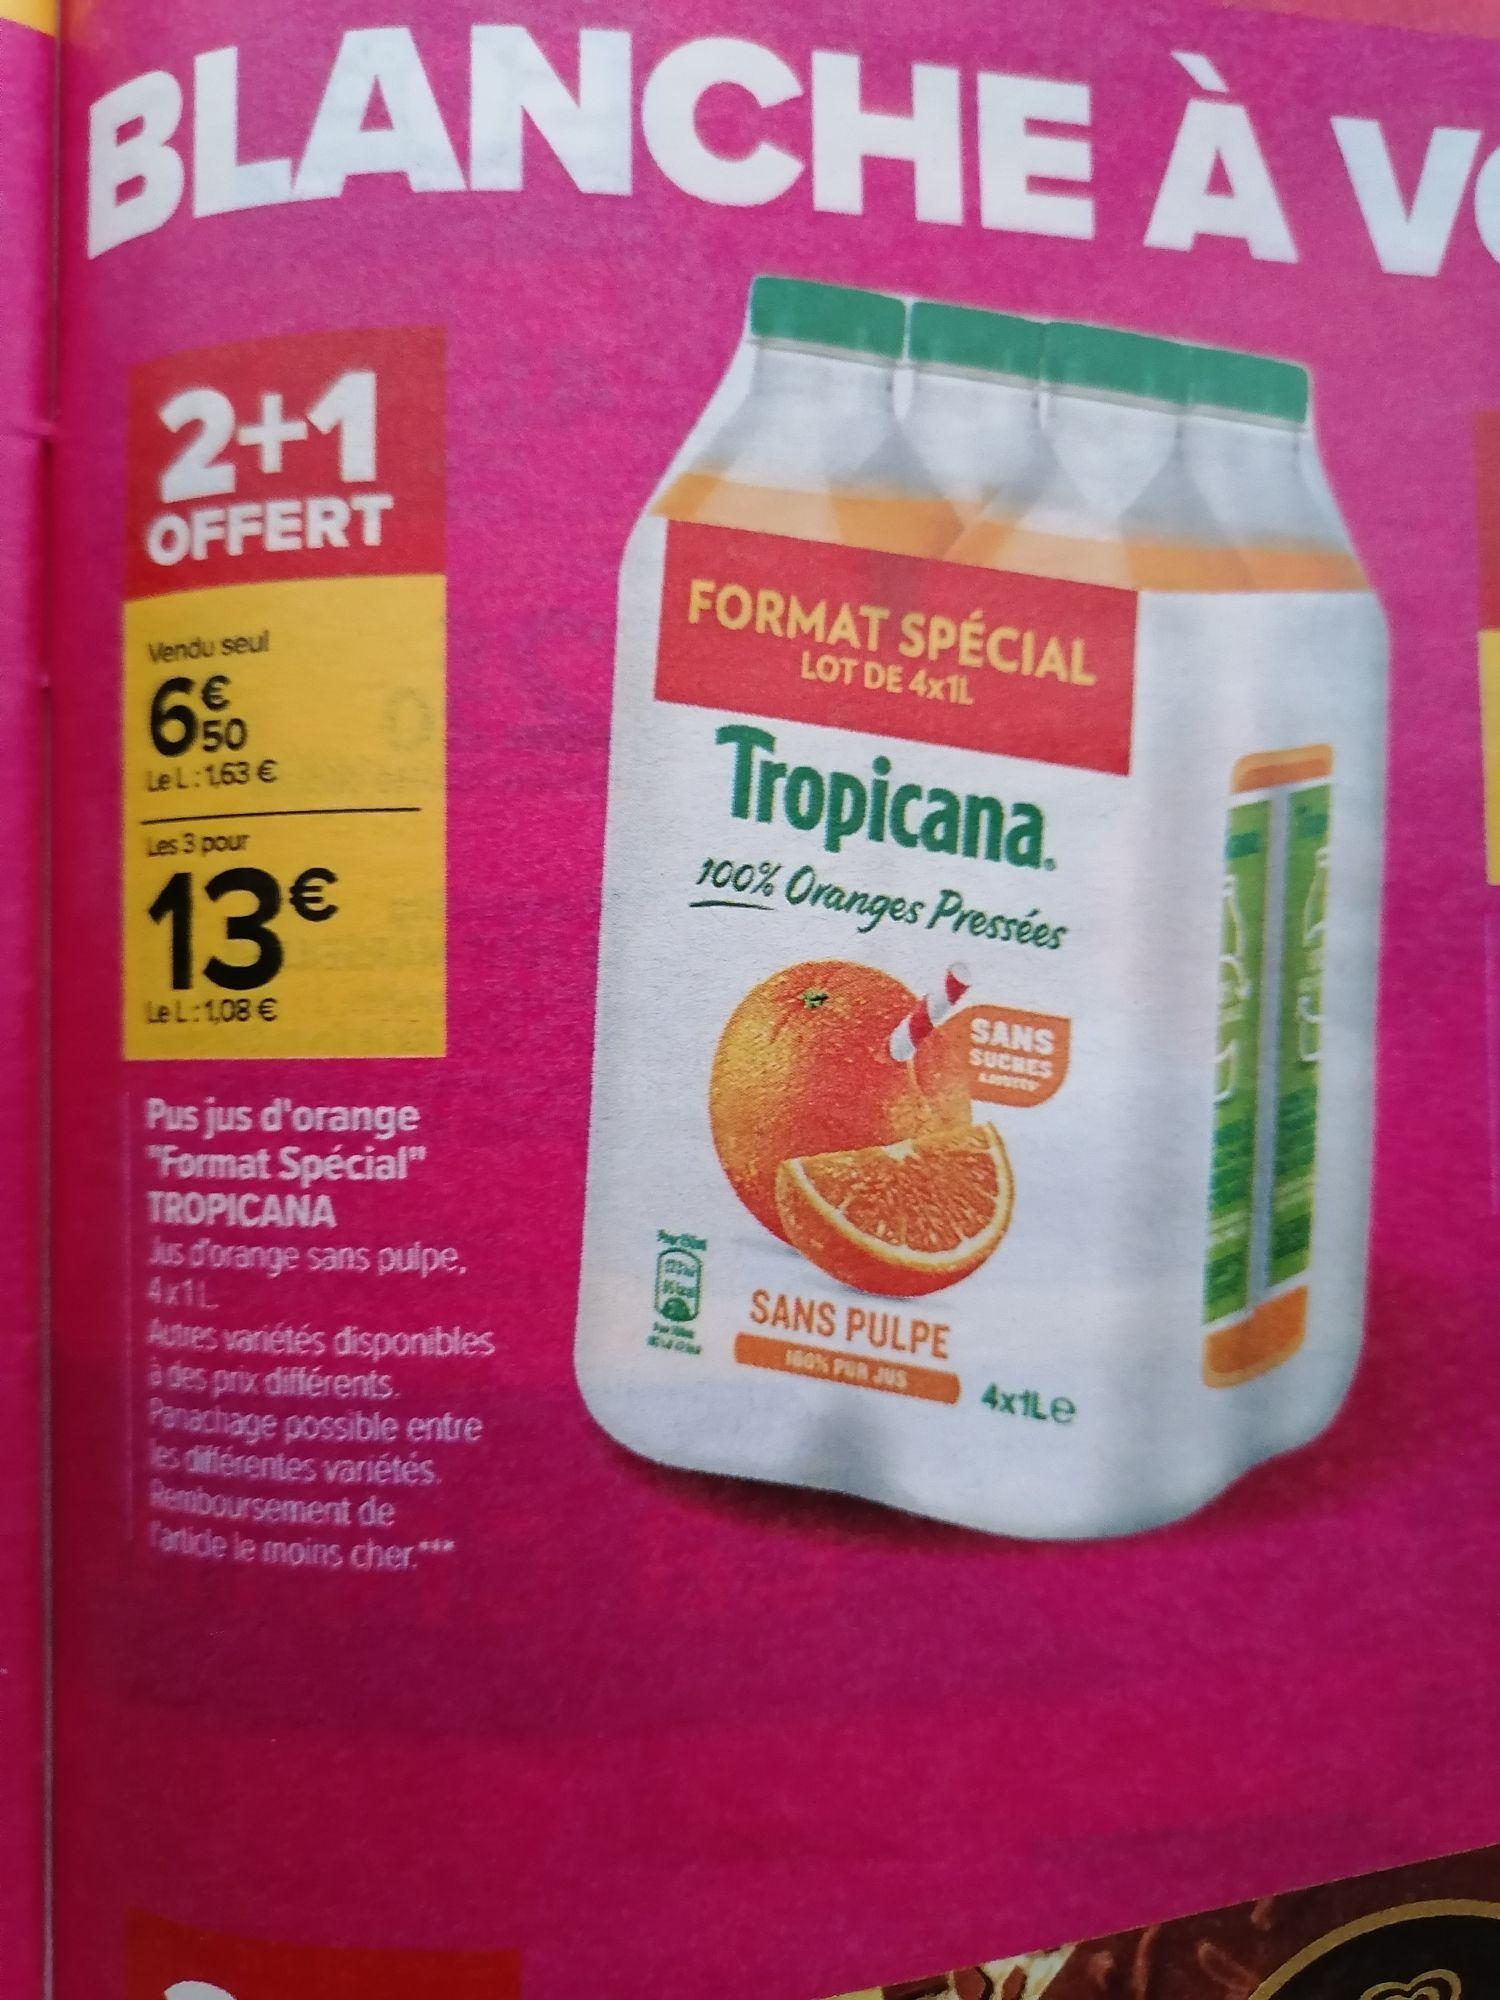 Lot de 3 packs de 4 bouteilles de jus d'orange sans pulpe Tropicana - 12 x 1 L